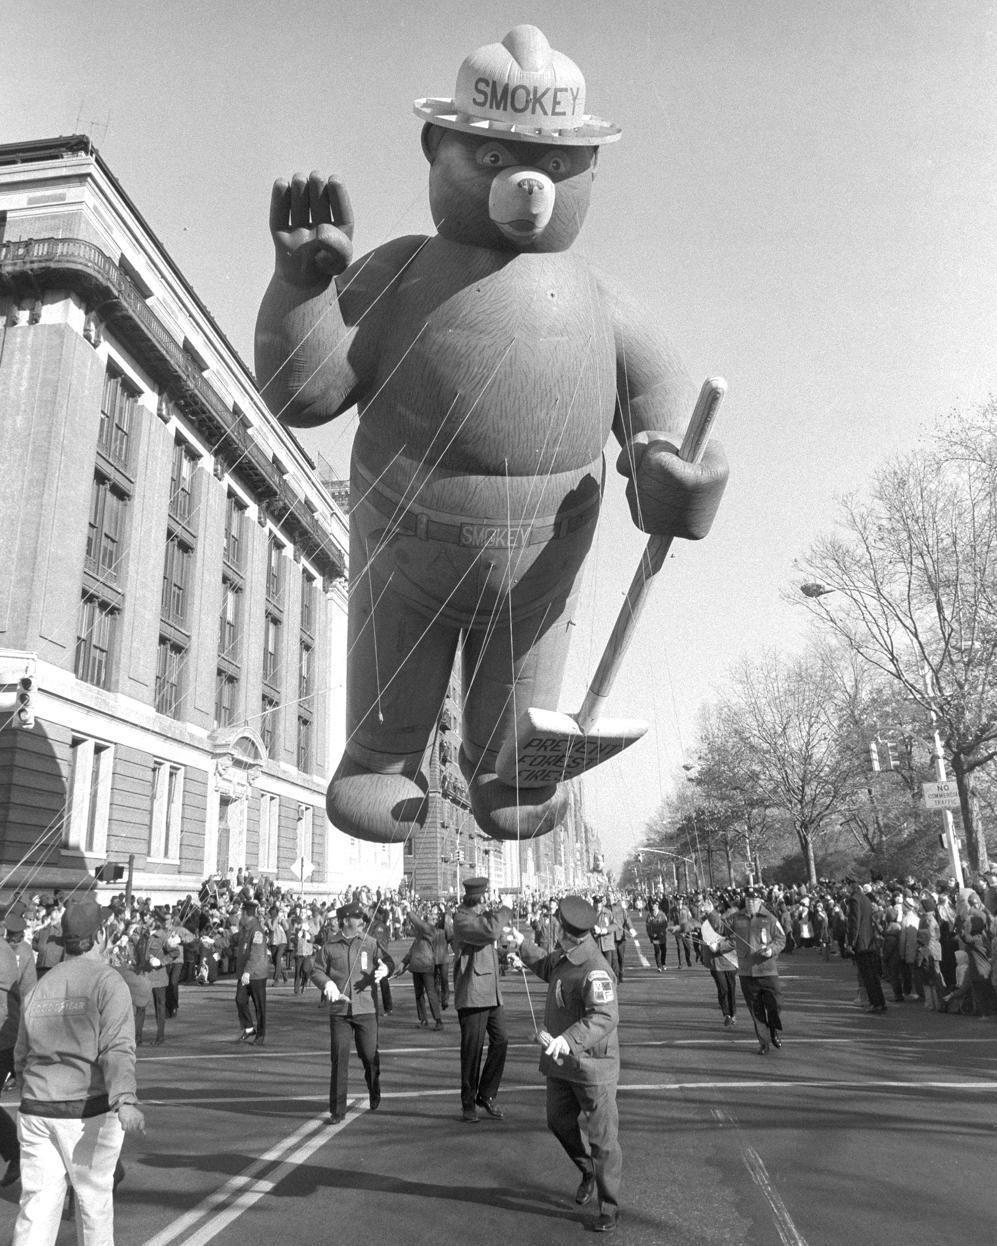 Macy S Thanksgiving Day Parade 1965 Macy S Thanksgiving Day Parade Thanksgiving Parade Thanksgiving Day Parade